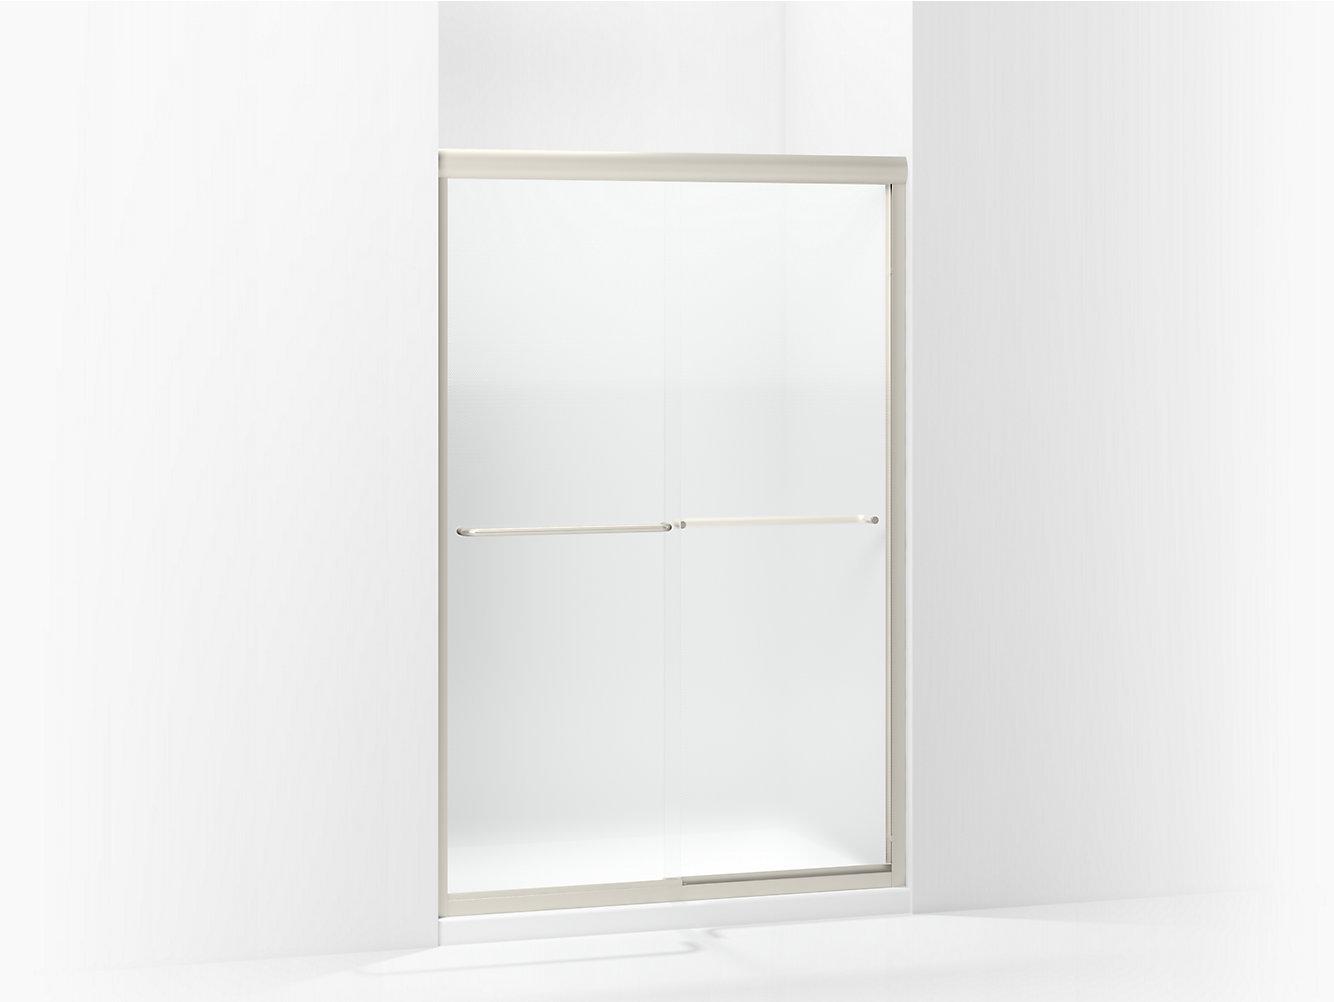 Finesse Frameless Sliding Shower Door 5485 48n G69 Sterling